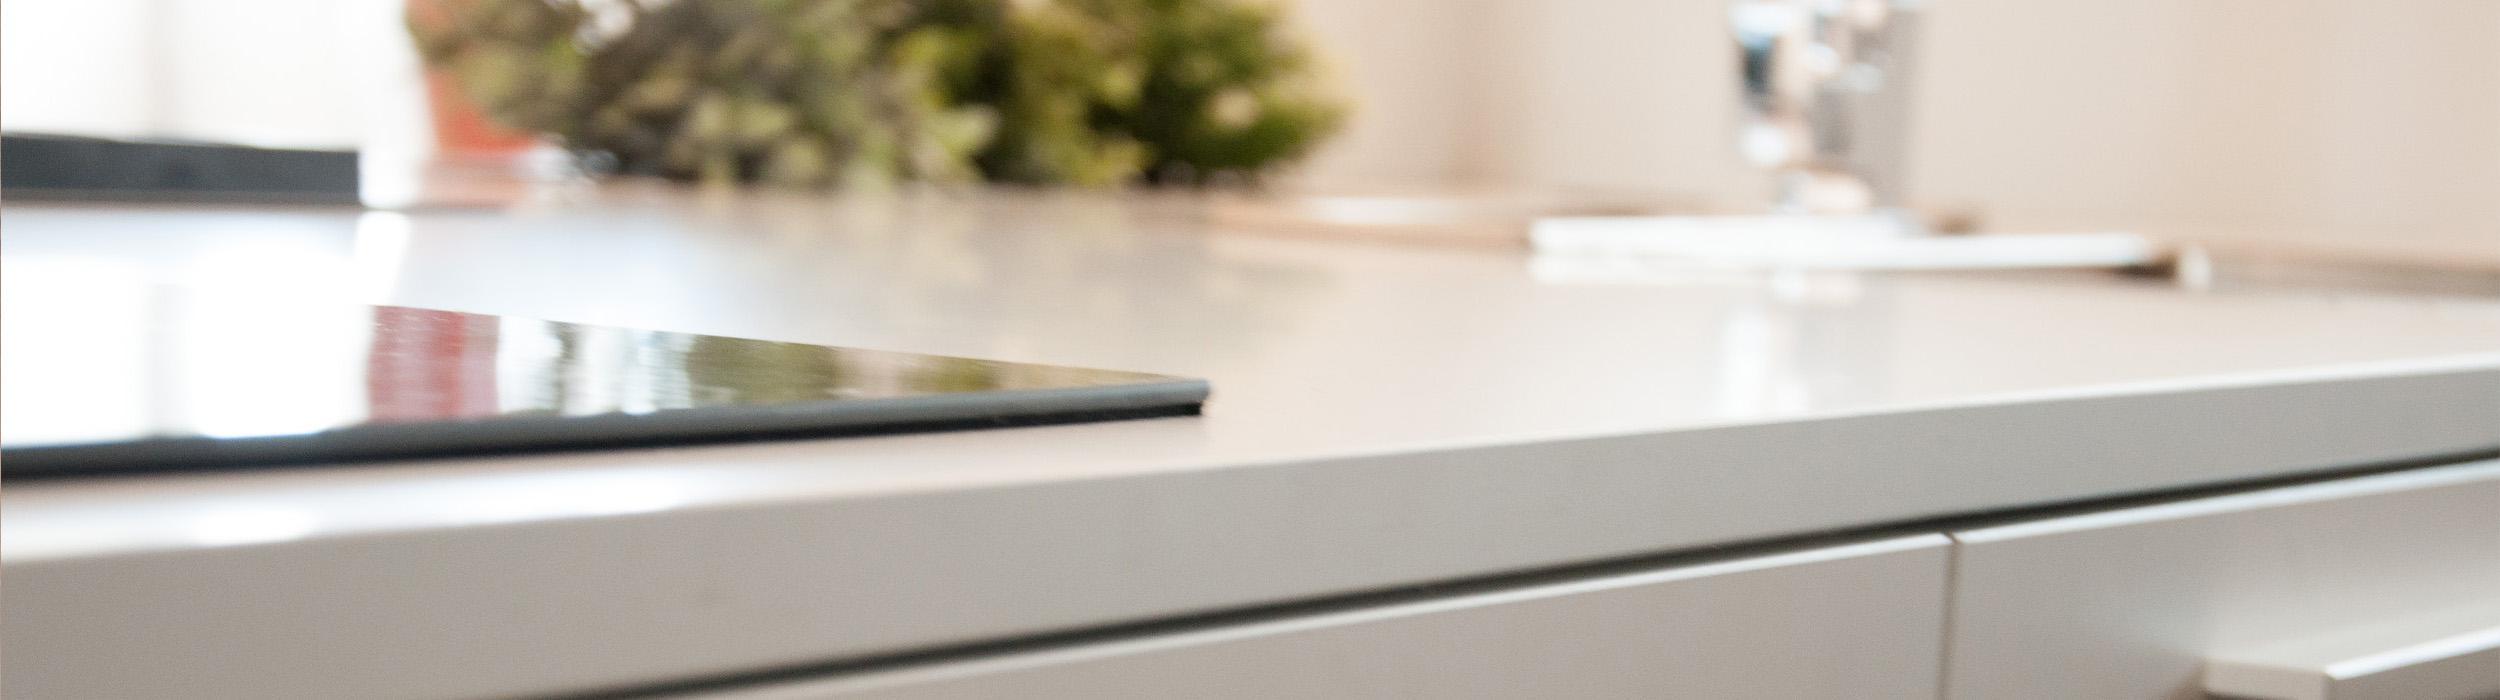 Bekannt Mein-Massmoebel-Shop - Schrank nach Mass online planen, Möbel nach ZT33